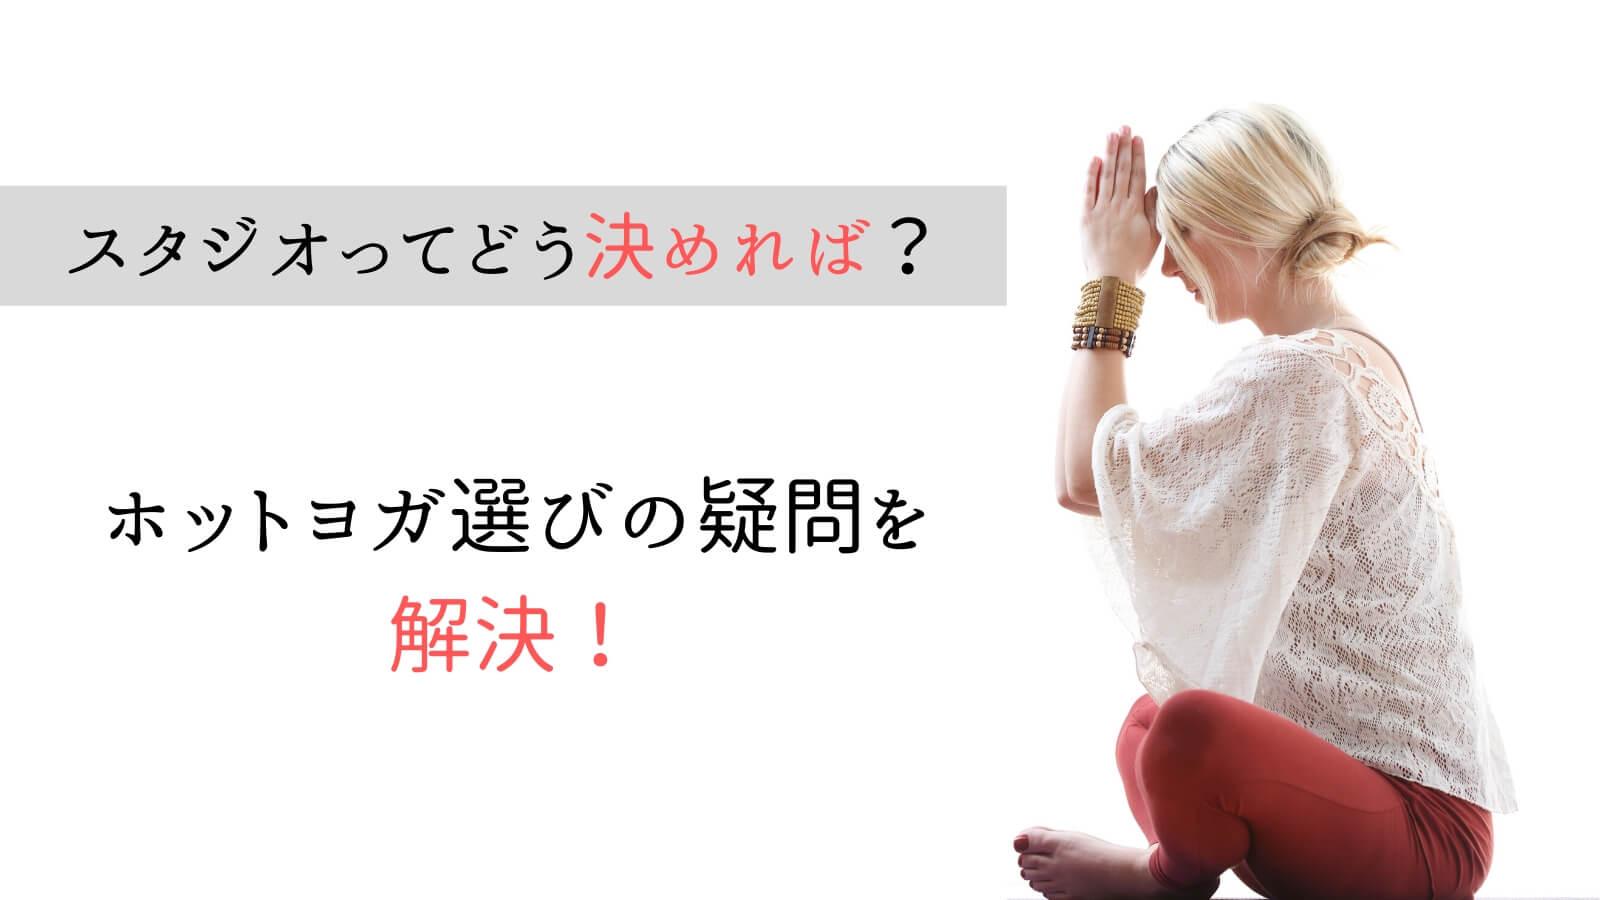 東京都内で安くておすすめのホットヨガスタジオに関するQ&A